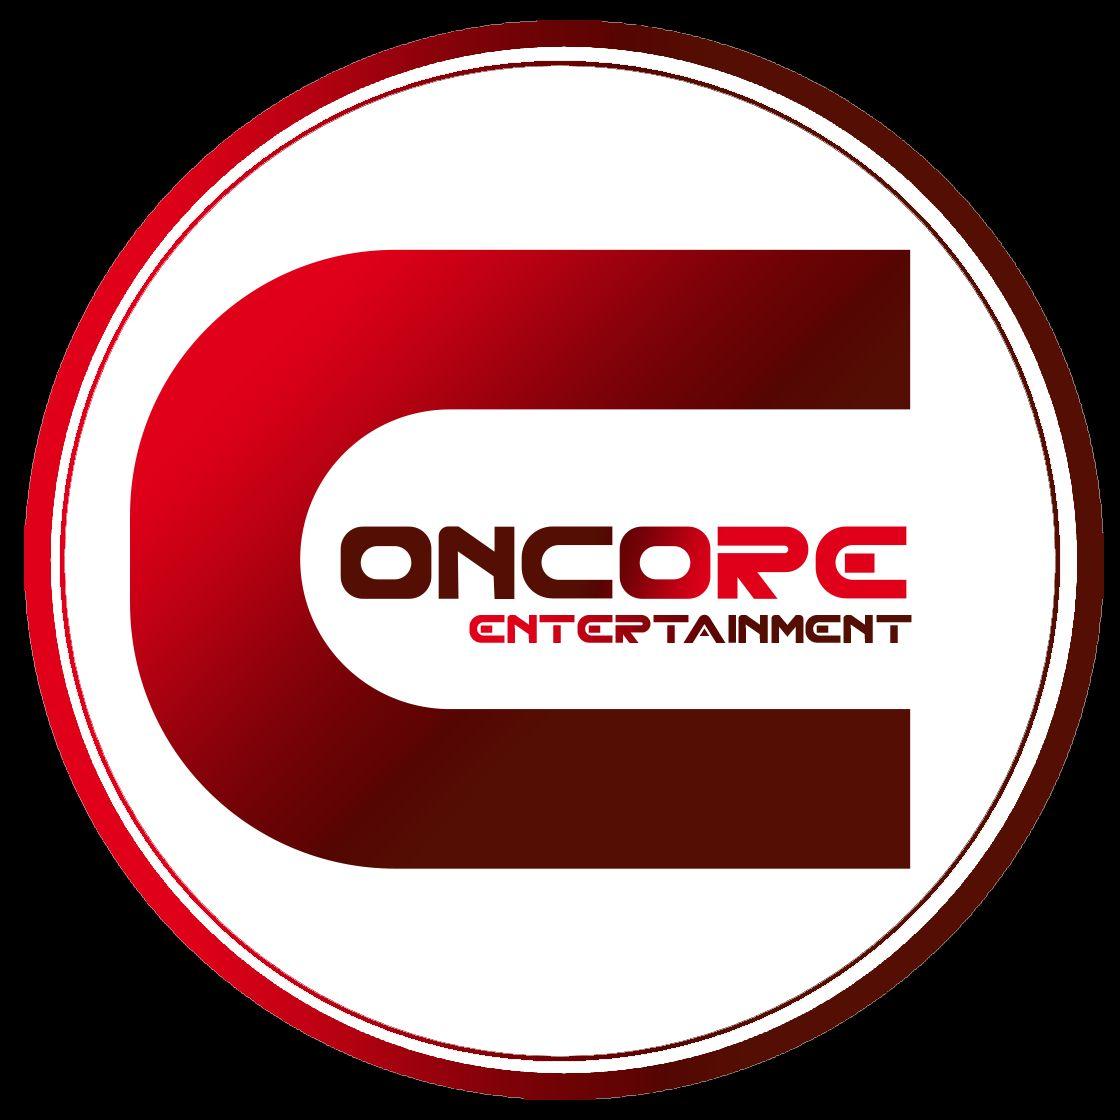 Concore Entertainment